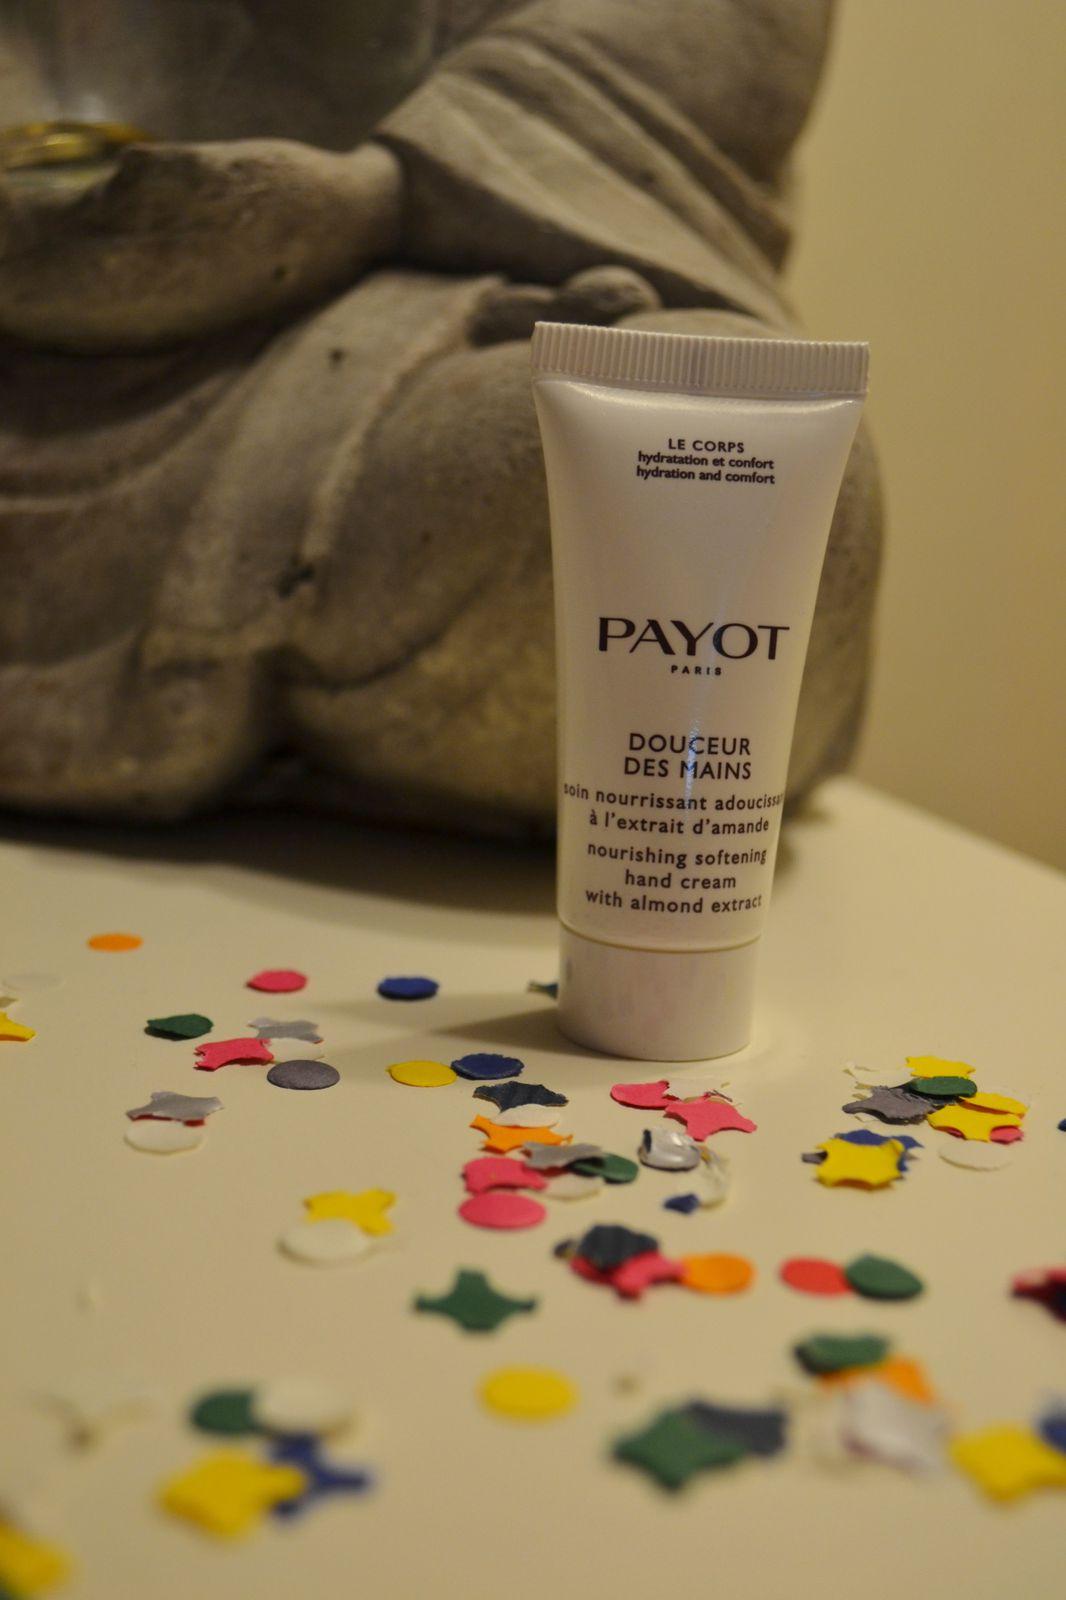 Une petite crème pour les mains Payot. L'odeur d'amande est très agréable et la crème pénètre bien et laisse la peau douce et parfumée.